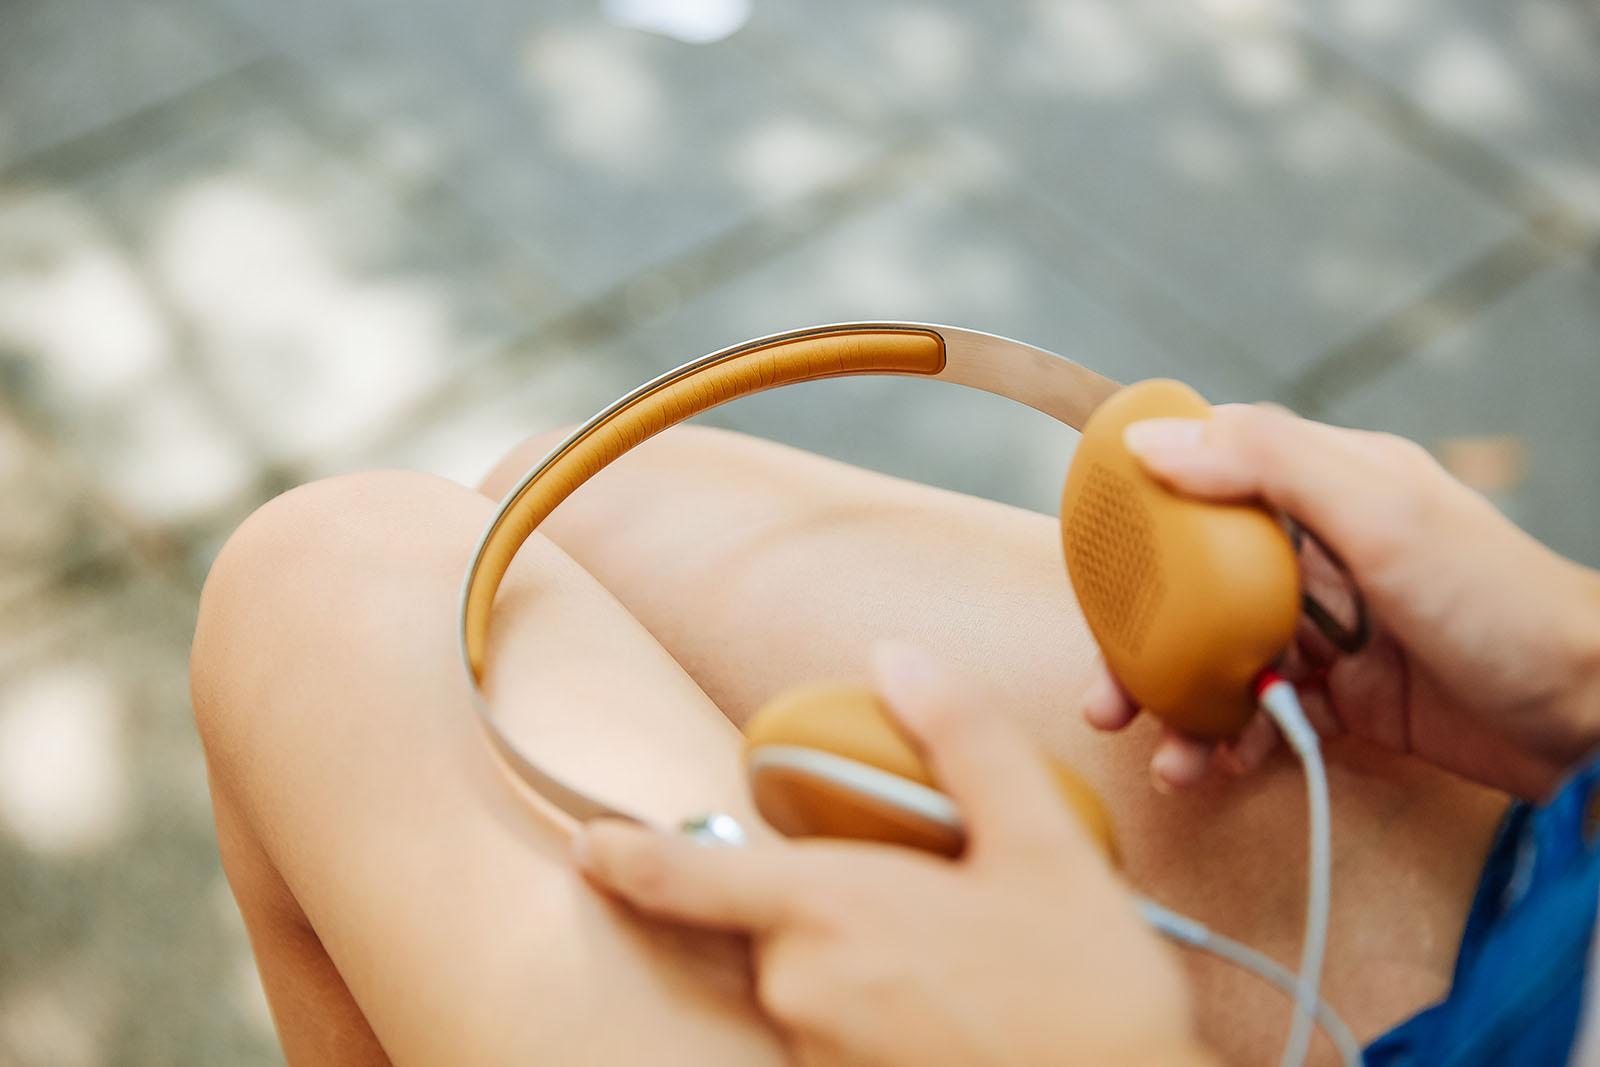 耳機�帶採用碳鋼材質打造而成,擁有輕量化、高韌性特質,原廠製作時還特別講究人體工�,耳罩依照人體大數據�計,以配戴感最佳的 14° 服貼耳朵,�配上觸感細膩的皮質內襯,確保與�部接觸時能有絕佳的舒適表現。